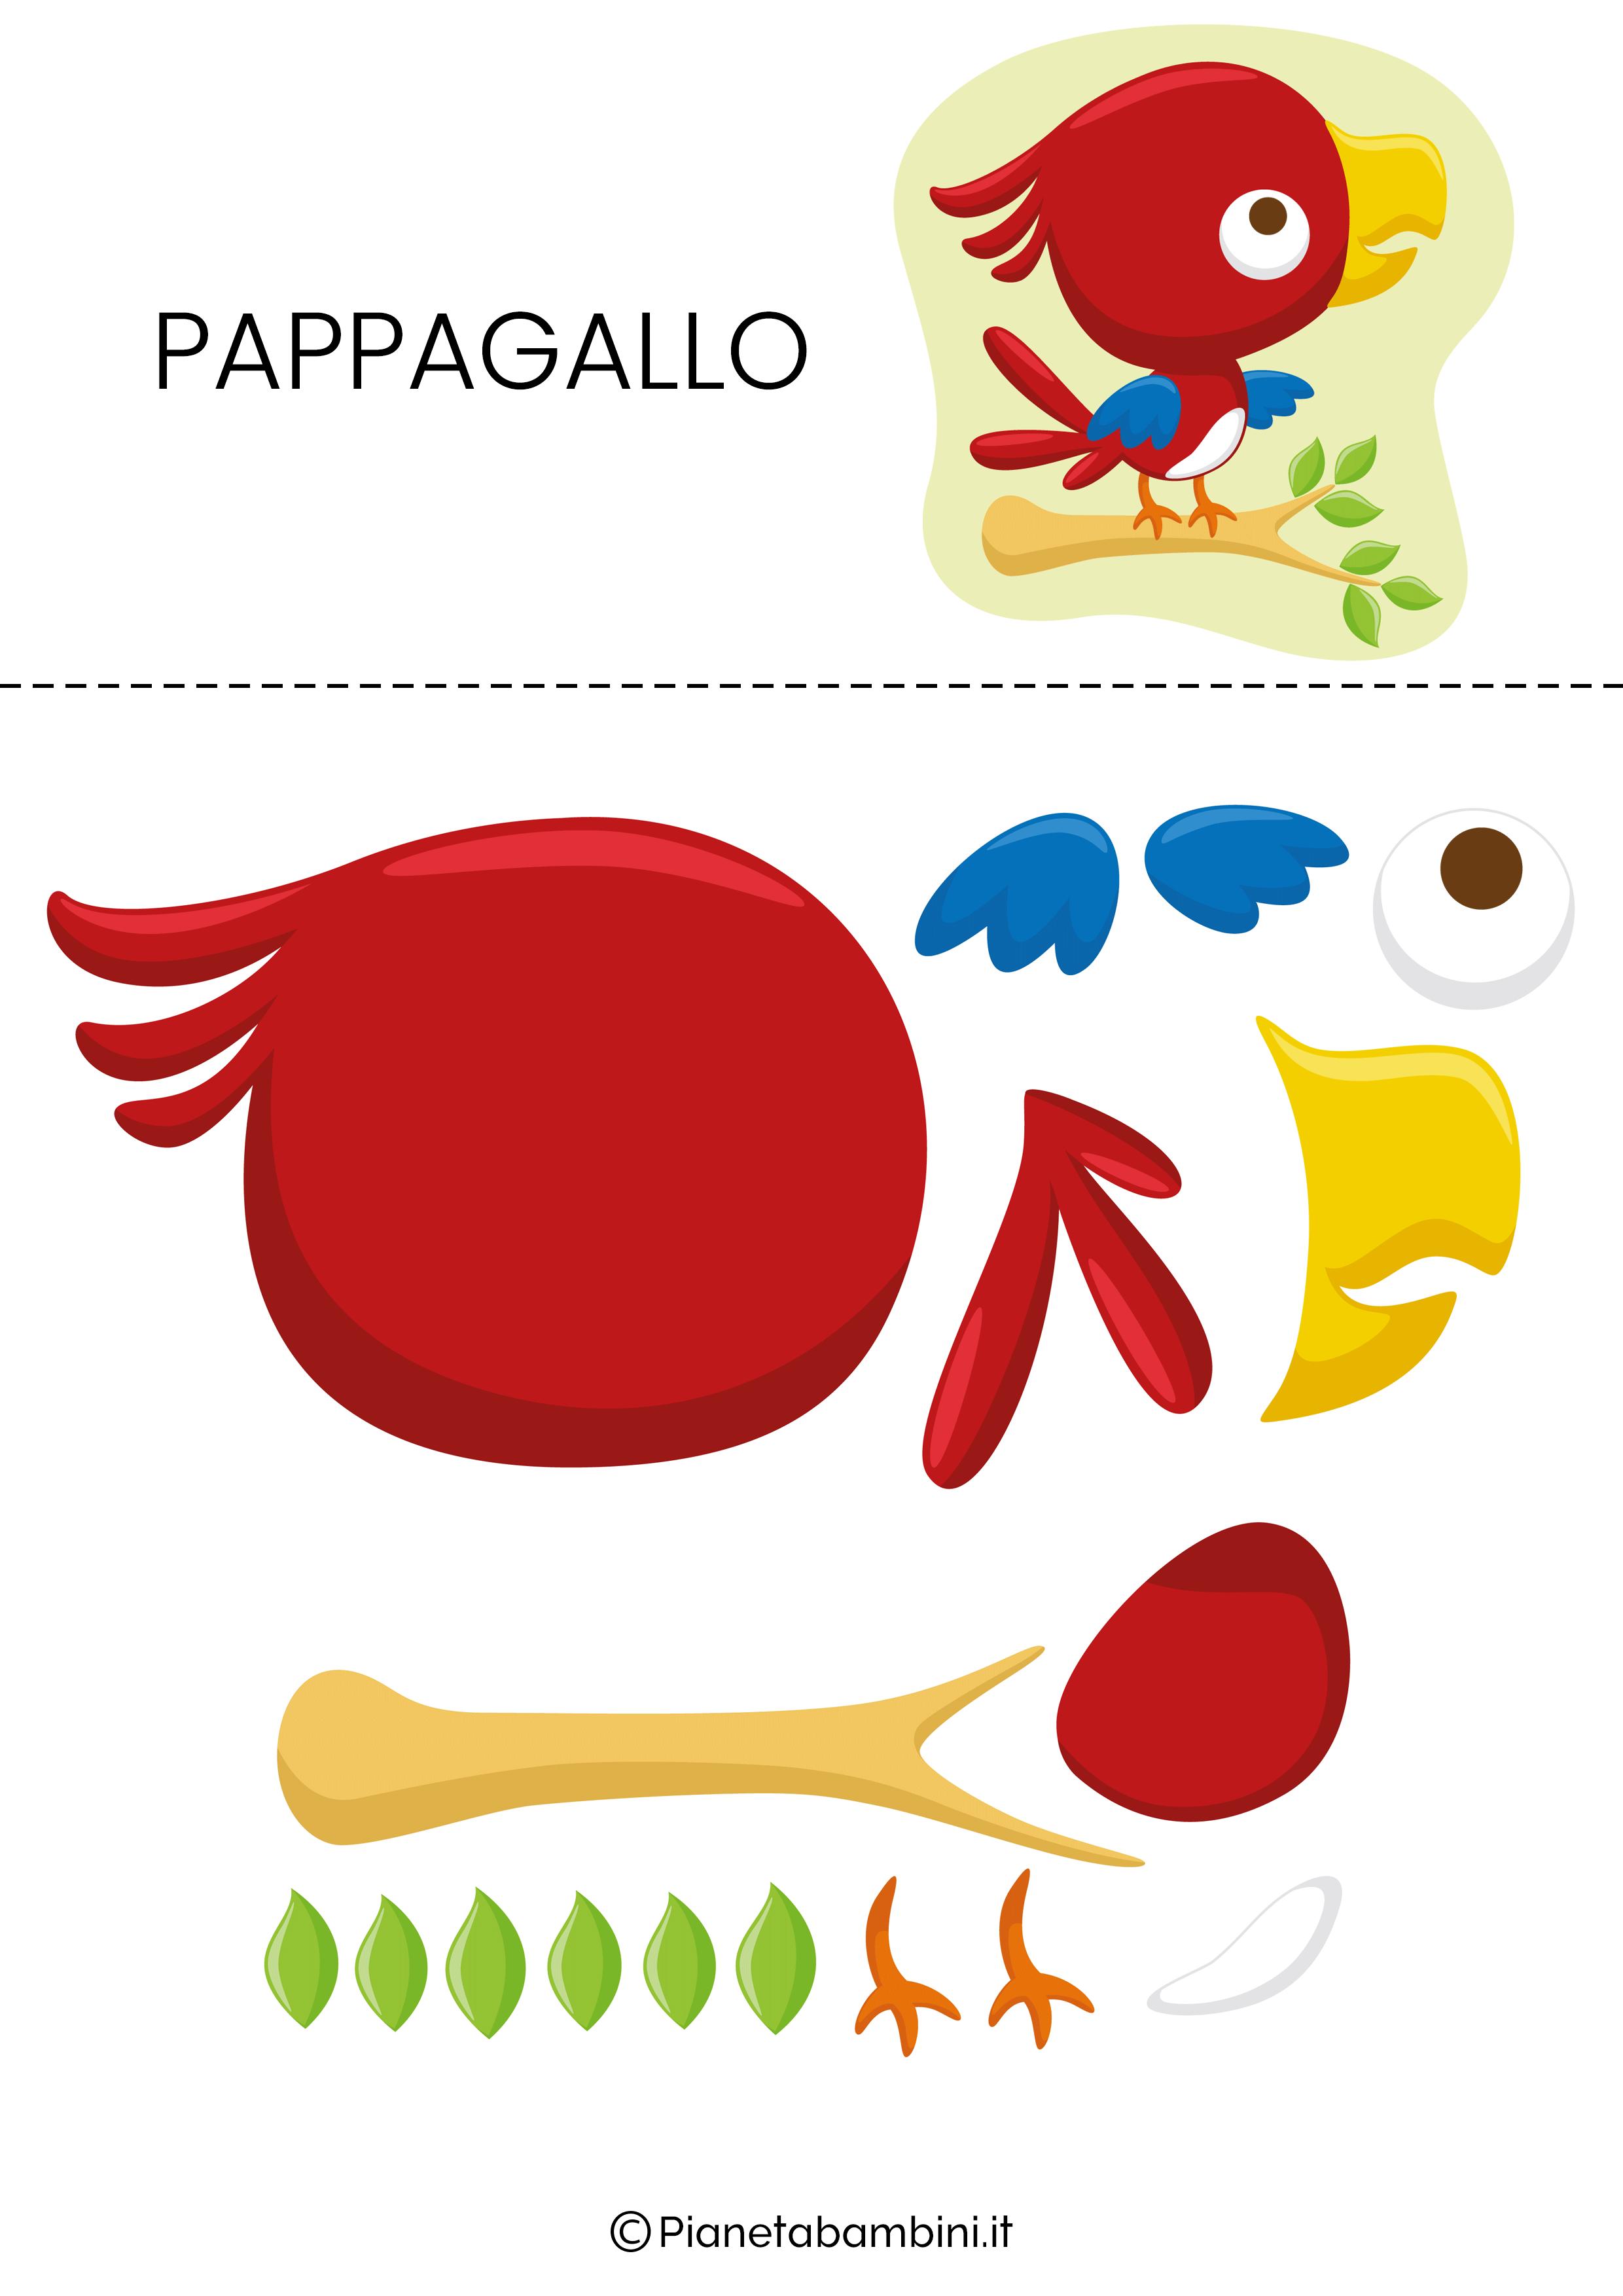 Puzzle da ritagliare e ricomporre sul pappagallo